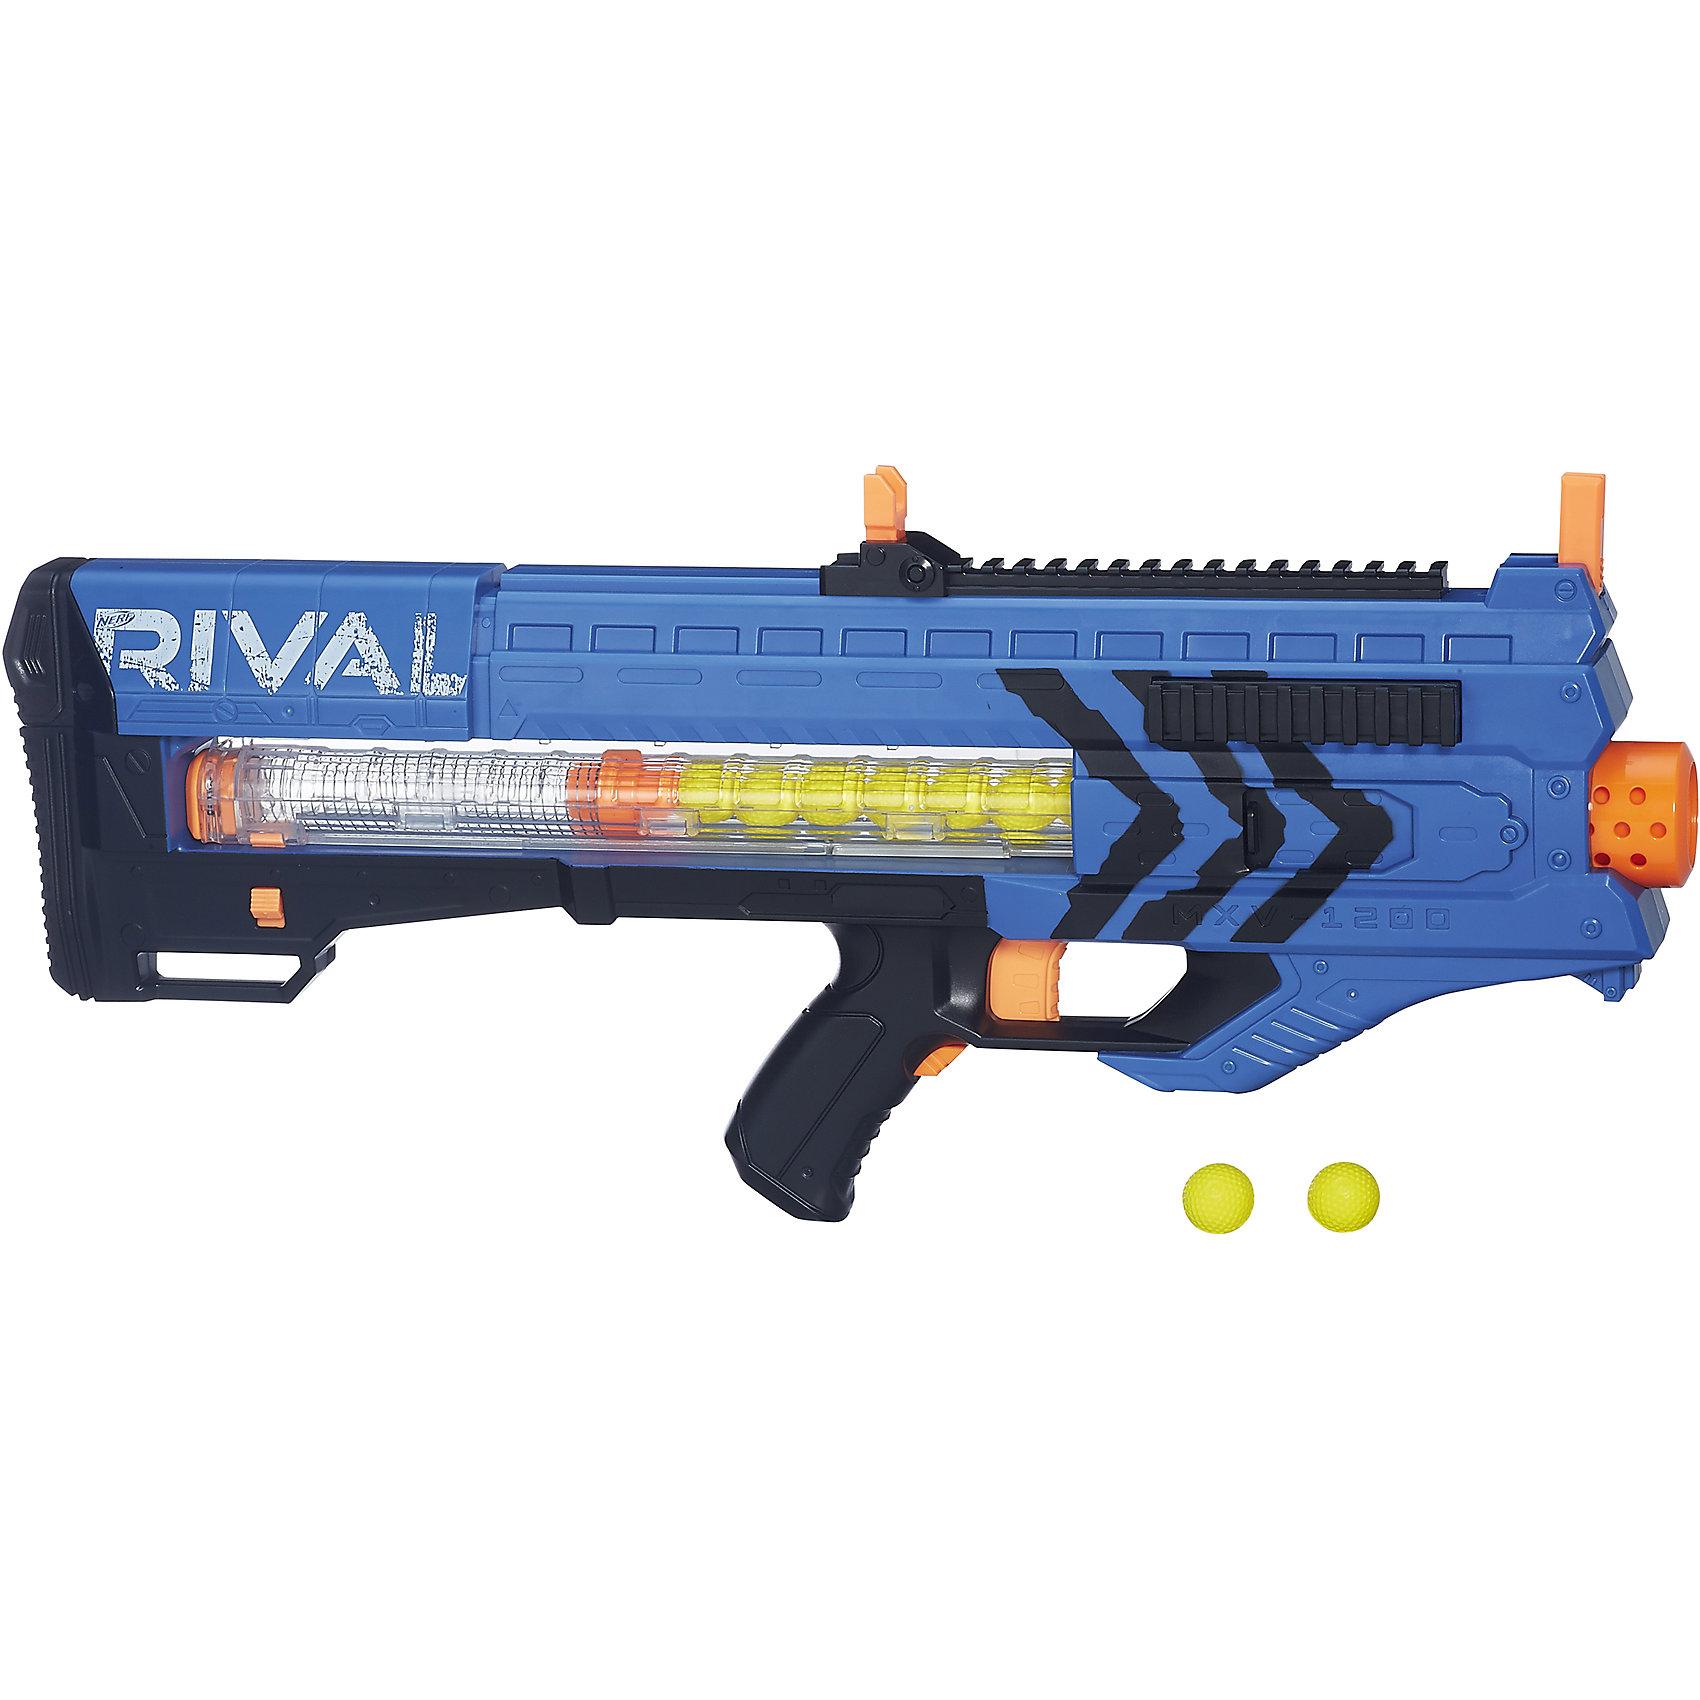 Бластер Райвал Зевс, NERF, B1591/B1593Игрушечное оружие<br>Автоматический бластер НЁРФ Райвал с обоймой на 12 шариков! Два цвета в ассортименте: красный и синий.<br><br>Ширина мм: 76<br>Глубина мм: 625<br>Высота мм: 254<br>Вес г: 1676<br>Возраст от месяцев: 168<br>Возраст до месяцев: 192<br>Пол: Мужской<br>Возраст: Детский<br>SKU: 5436578